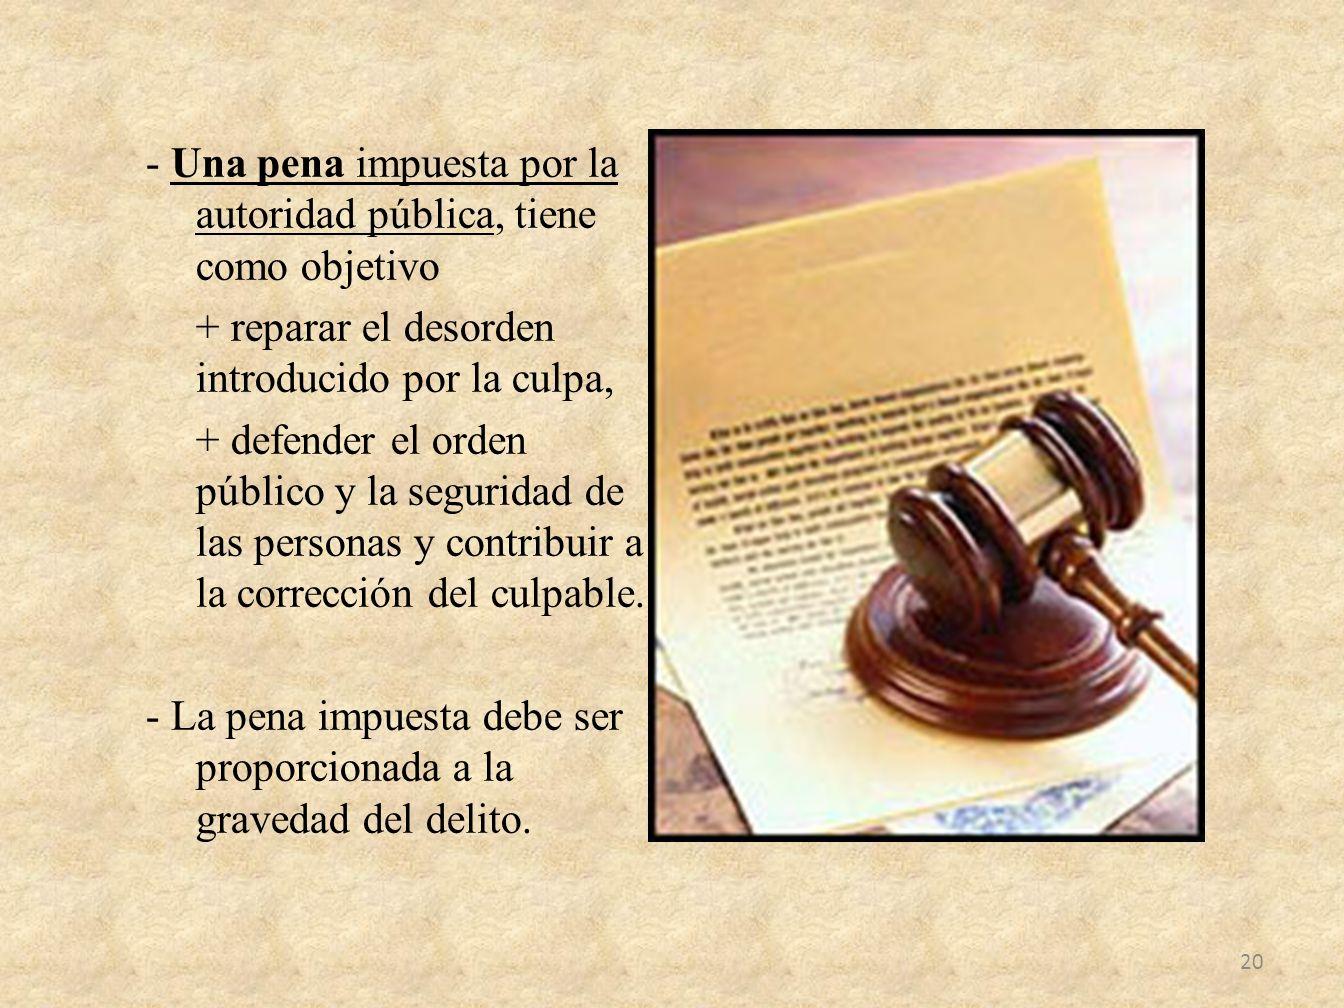 - Una pena impuesta por la autoridad pública, tiene como objetivo + reparar el desorden introducido por la culpa, + defender el orden público y la seguridad de las personas y contribuir a la corrección del culpable.